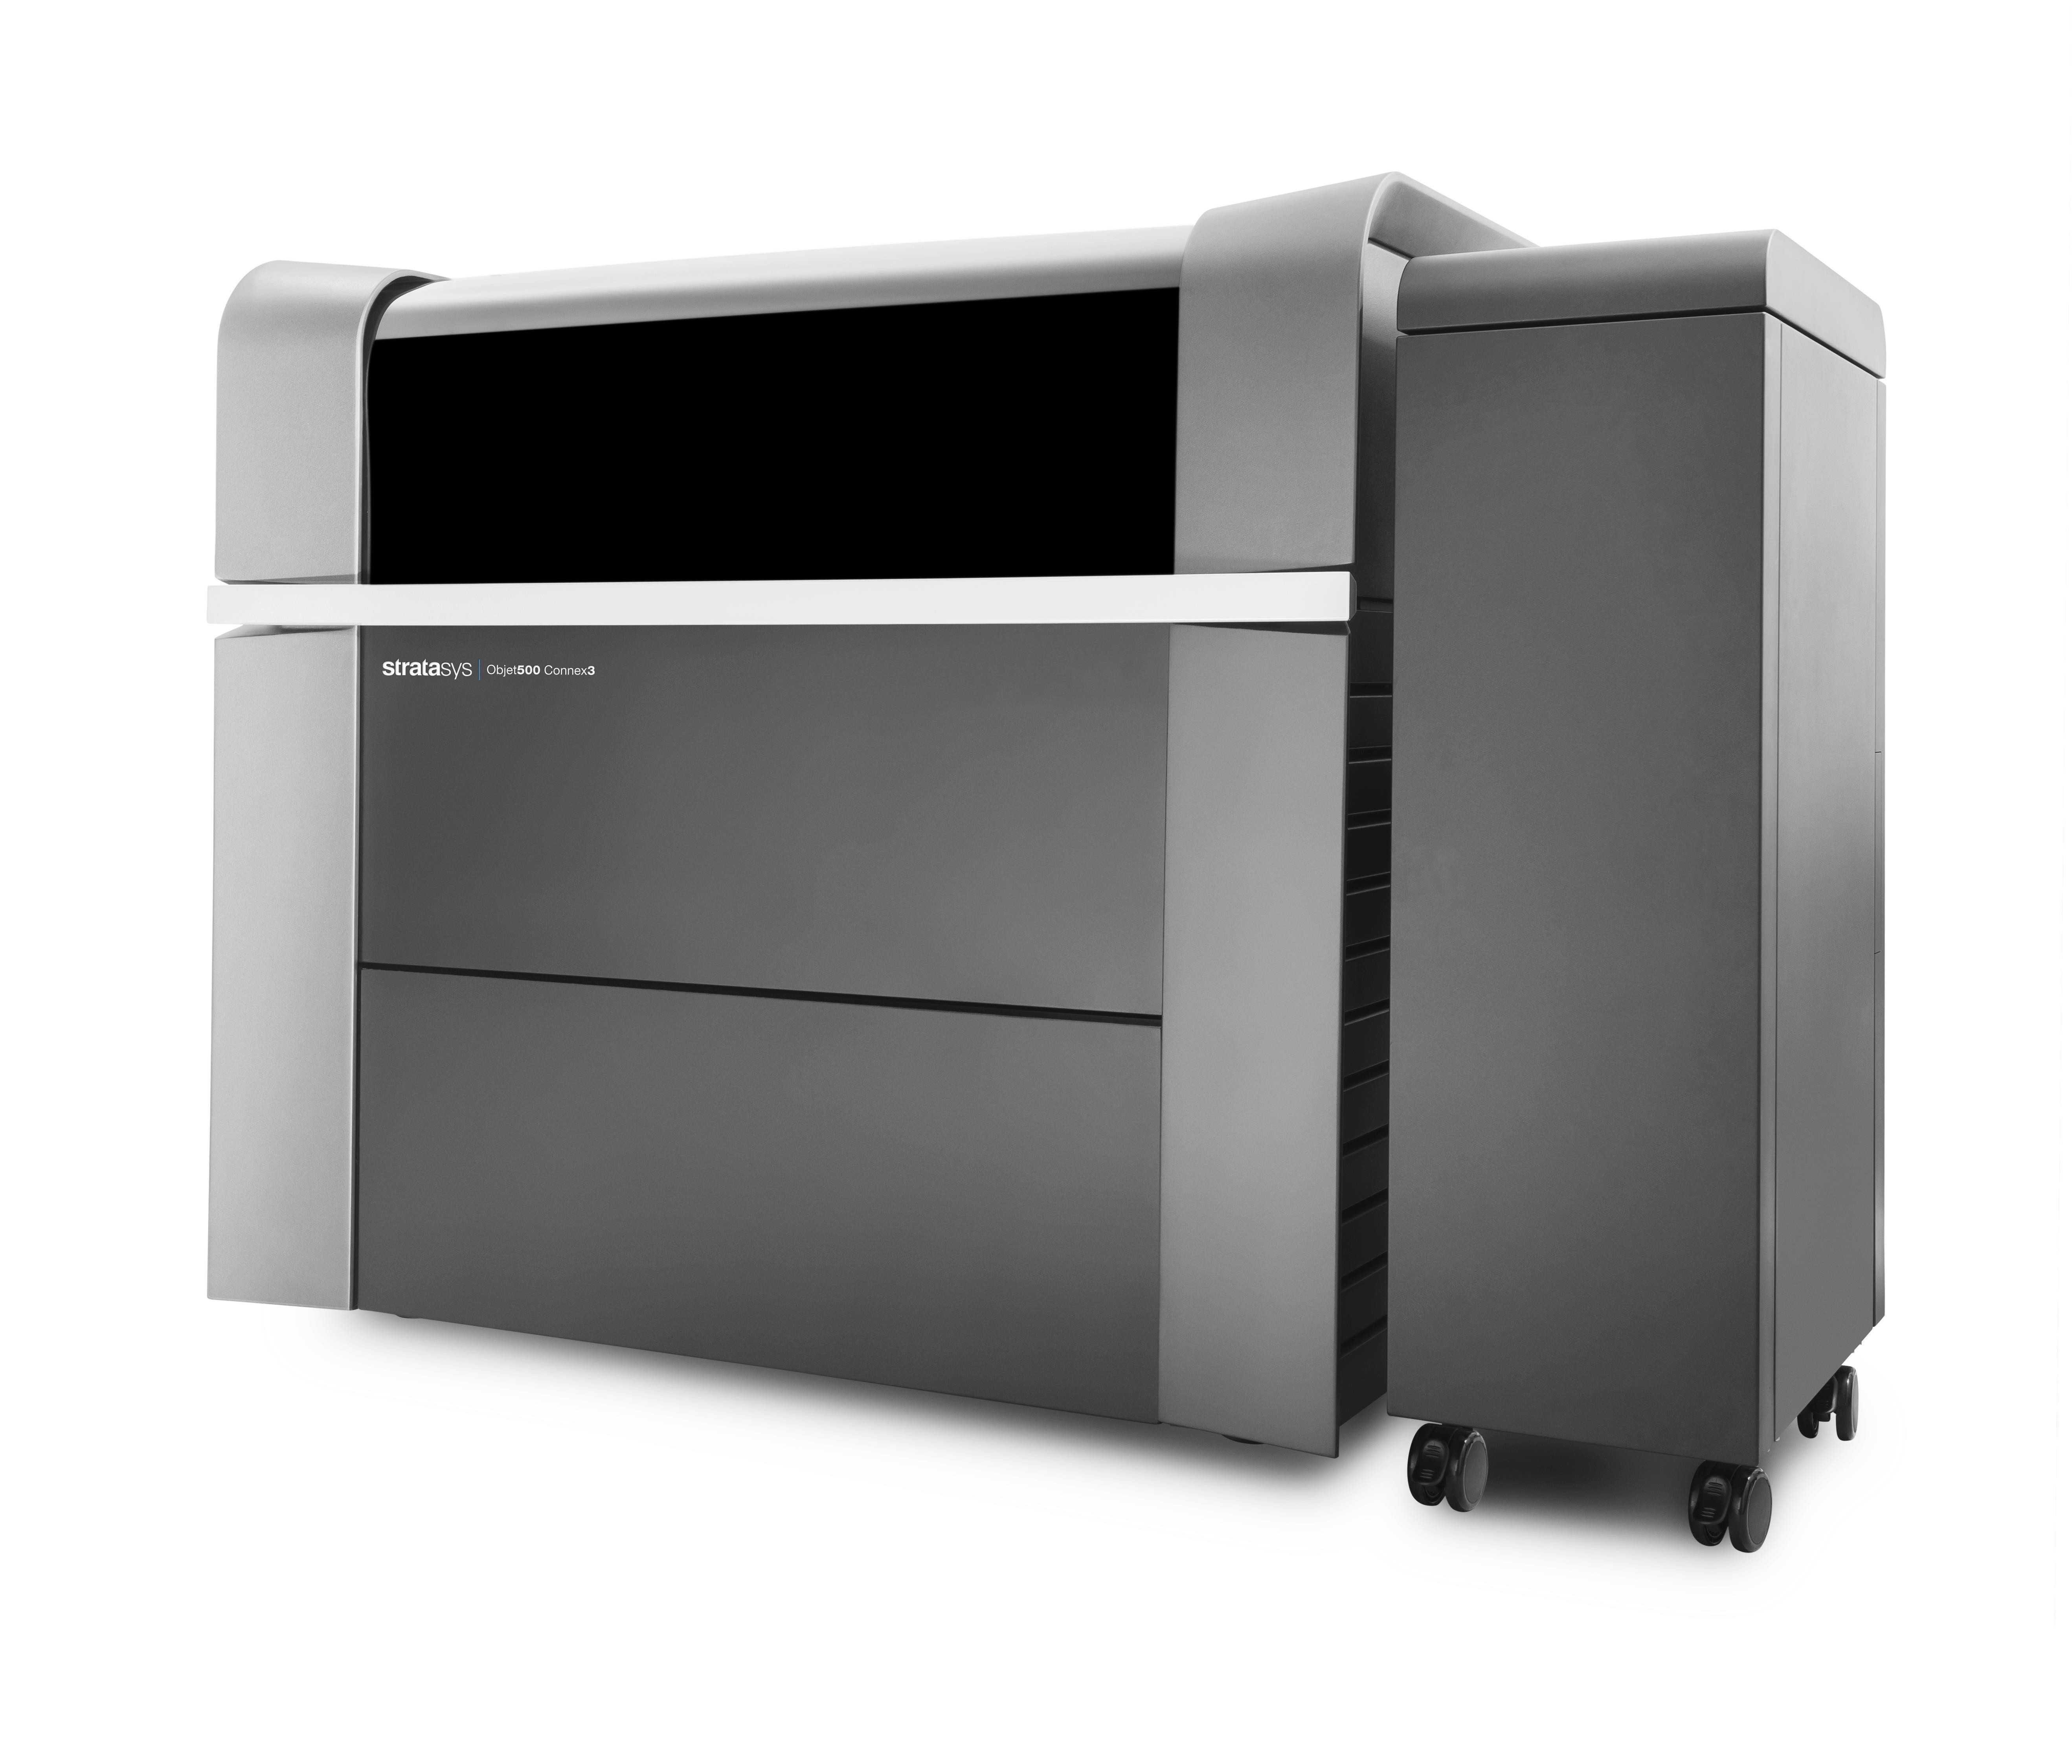 Objet500 Connex 3D 系统